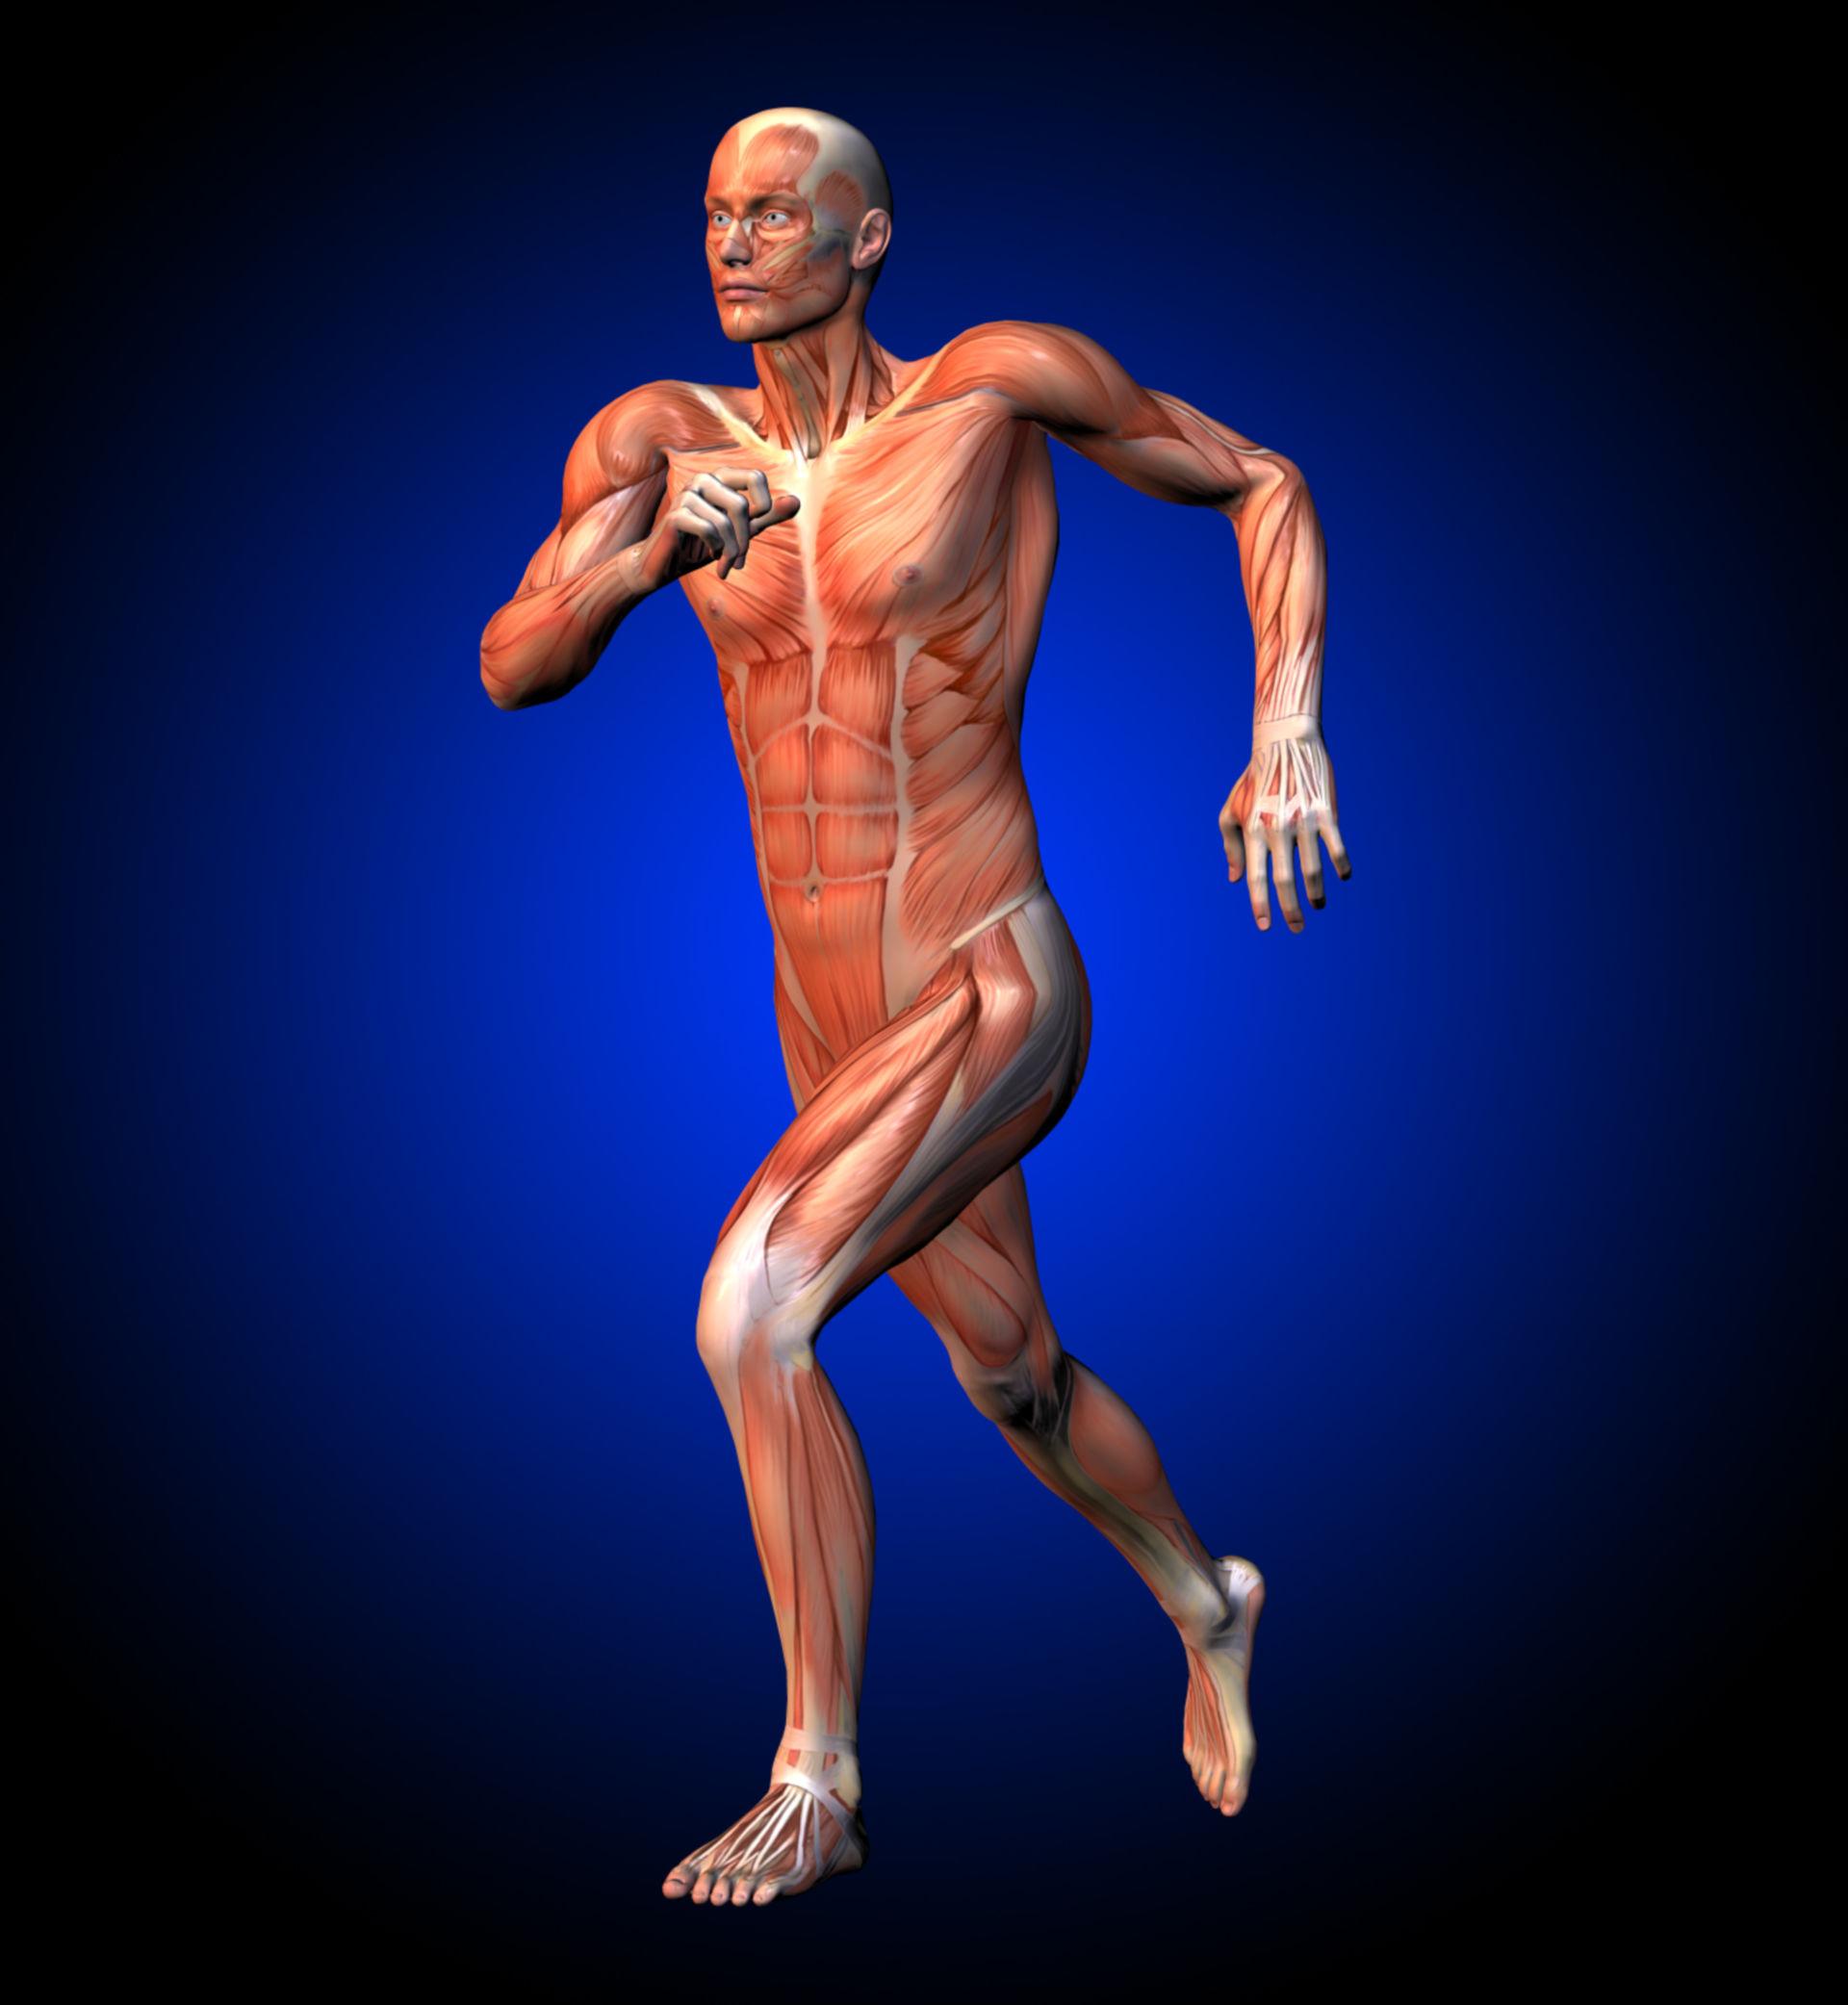 Corridore, muscolatura